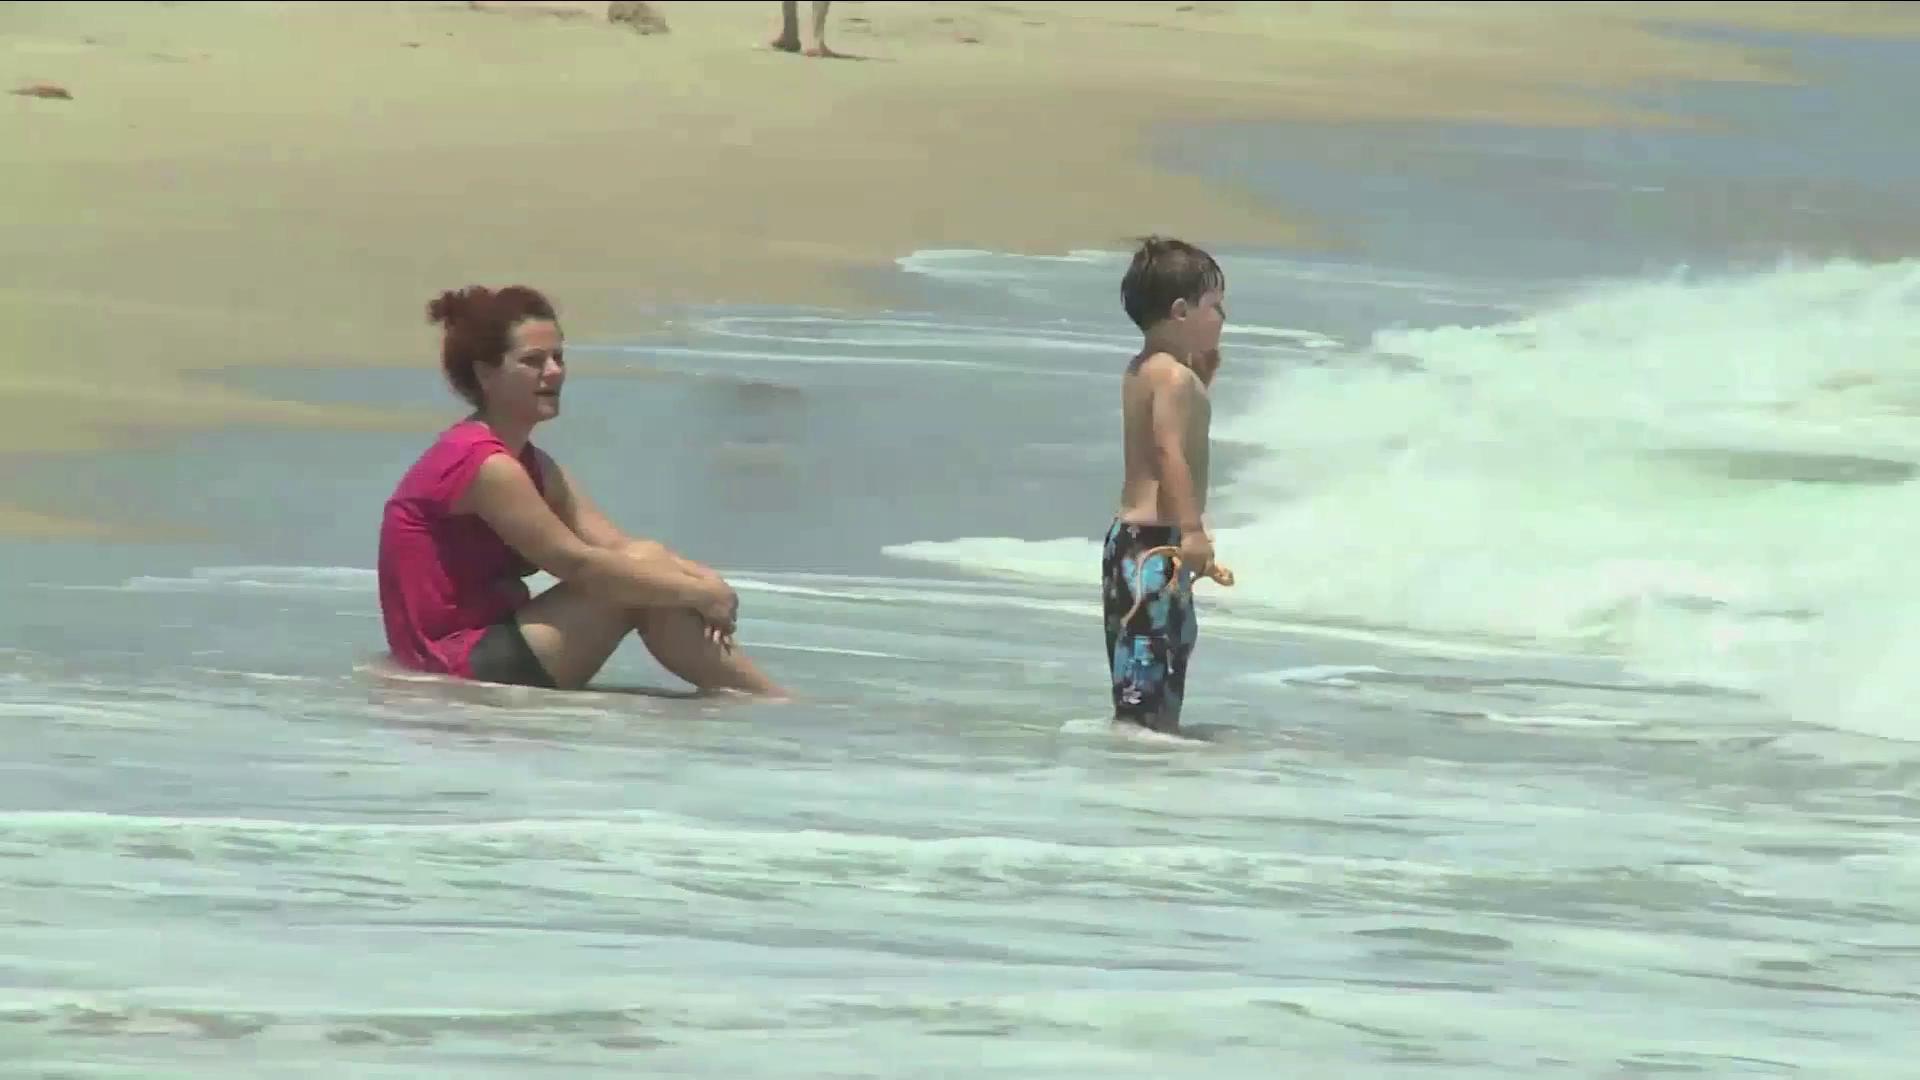 Alerta en playas locales por fuerte oleaje y resacas.